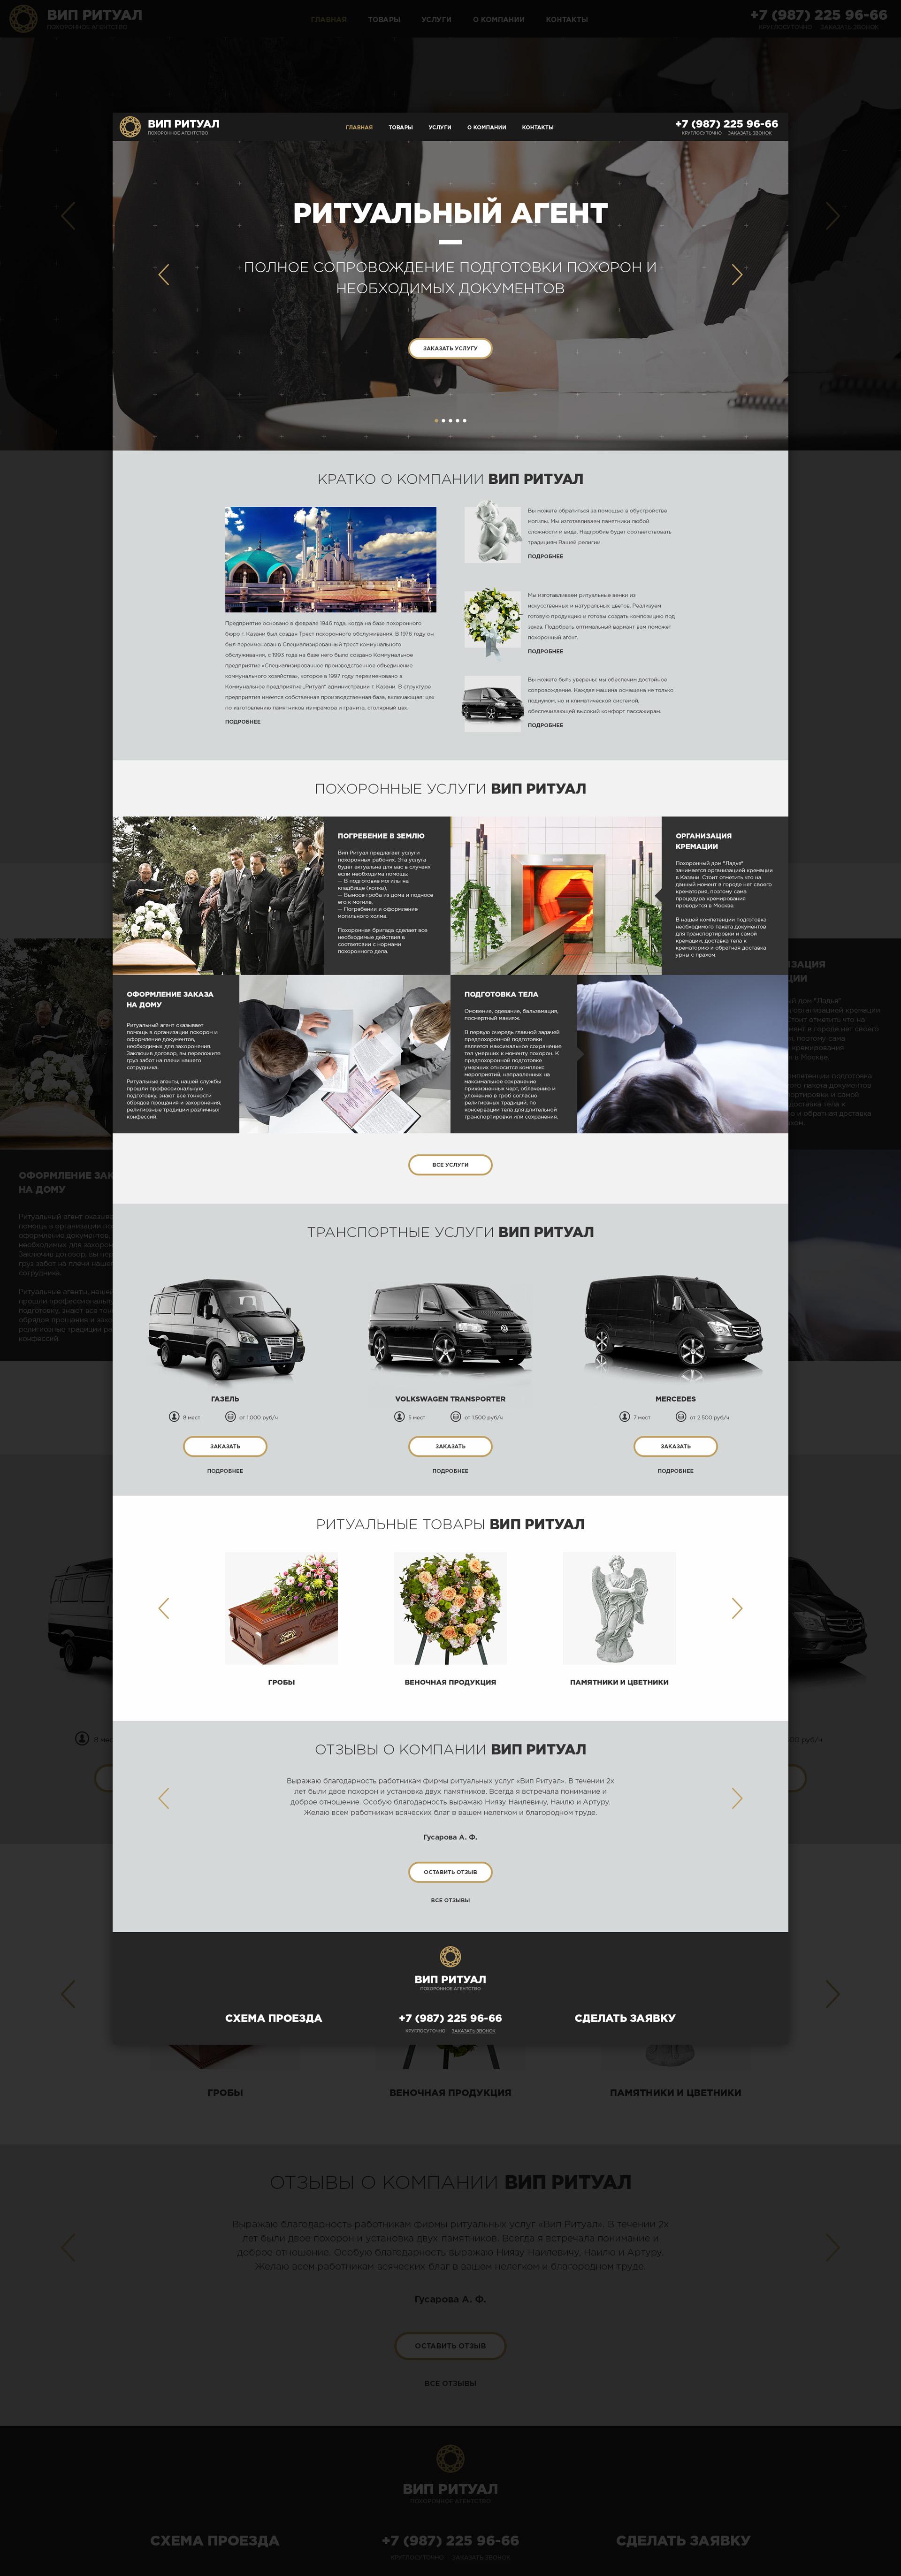 Нарисовать 2 дизайна сайтов направления ритуальных услуг  фото f_405596a4079b4563.jpg